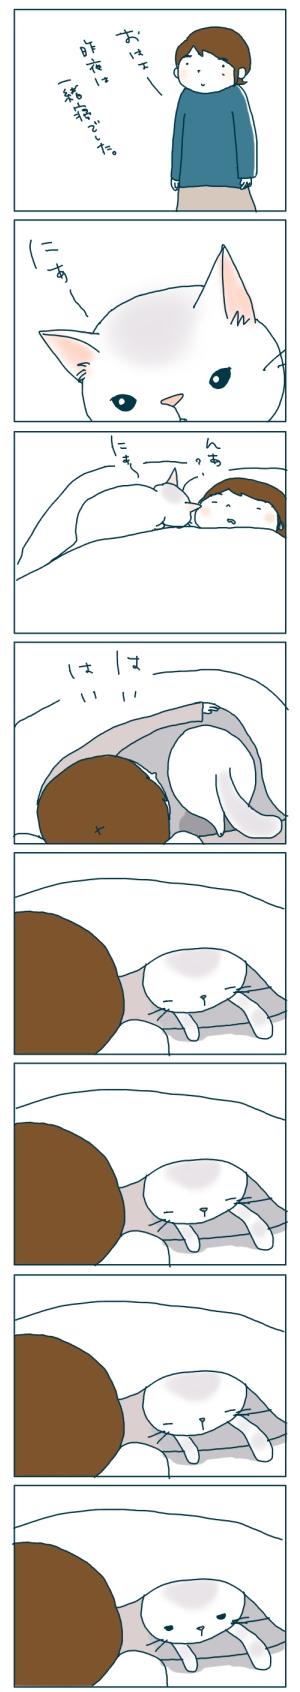 猫と一緒-20081221-01